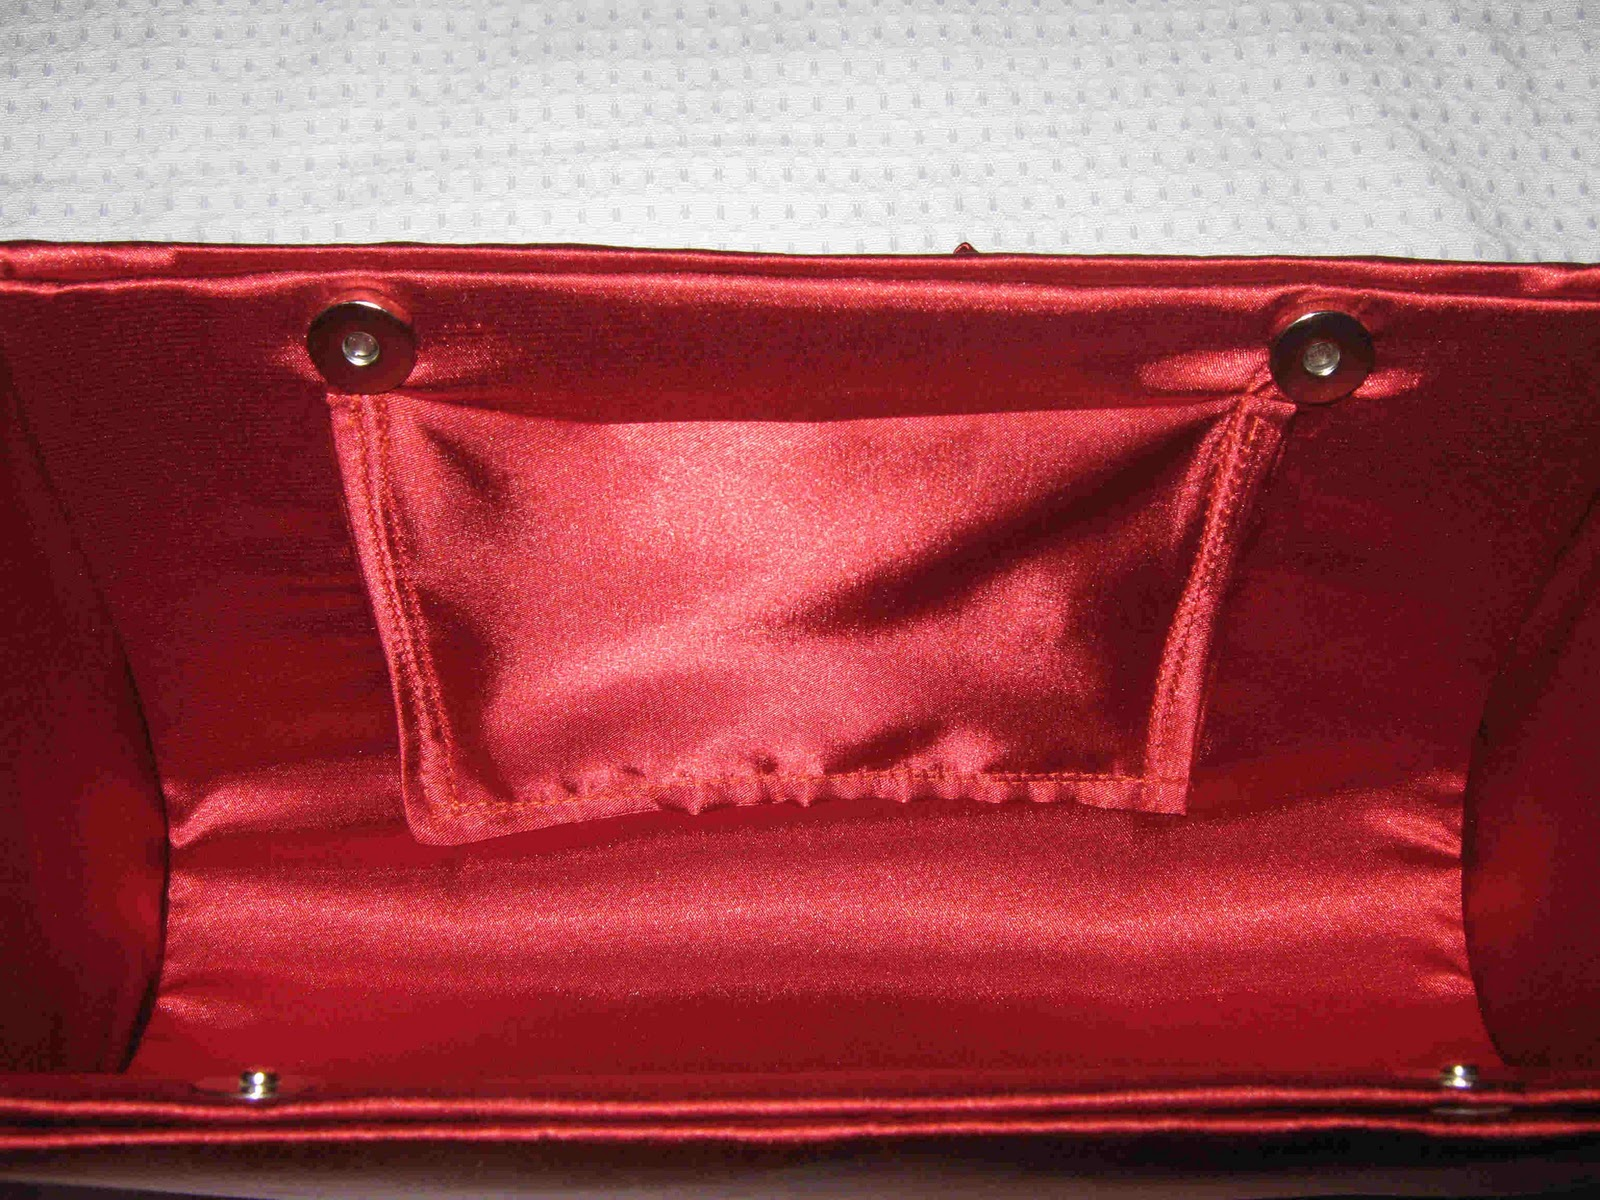 Bolsa De Mão Para Festa Vermelha : Oui bolsas de festa bolsa la?o vermelha